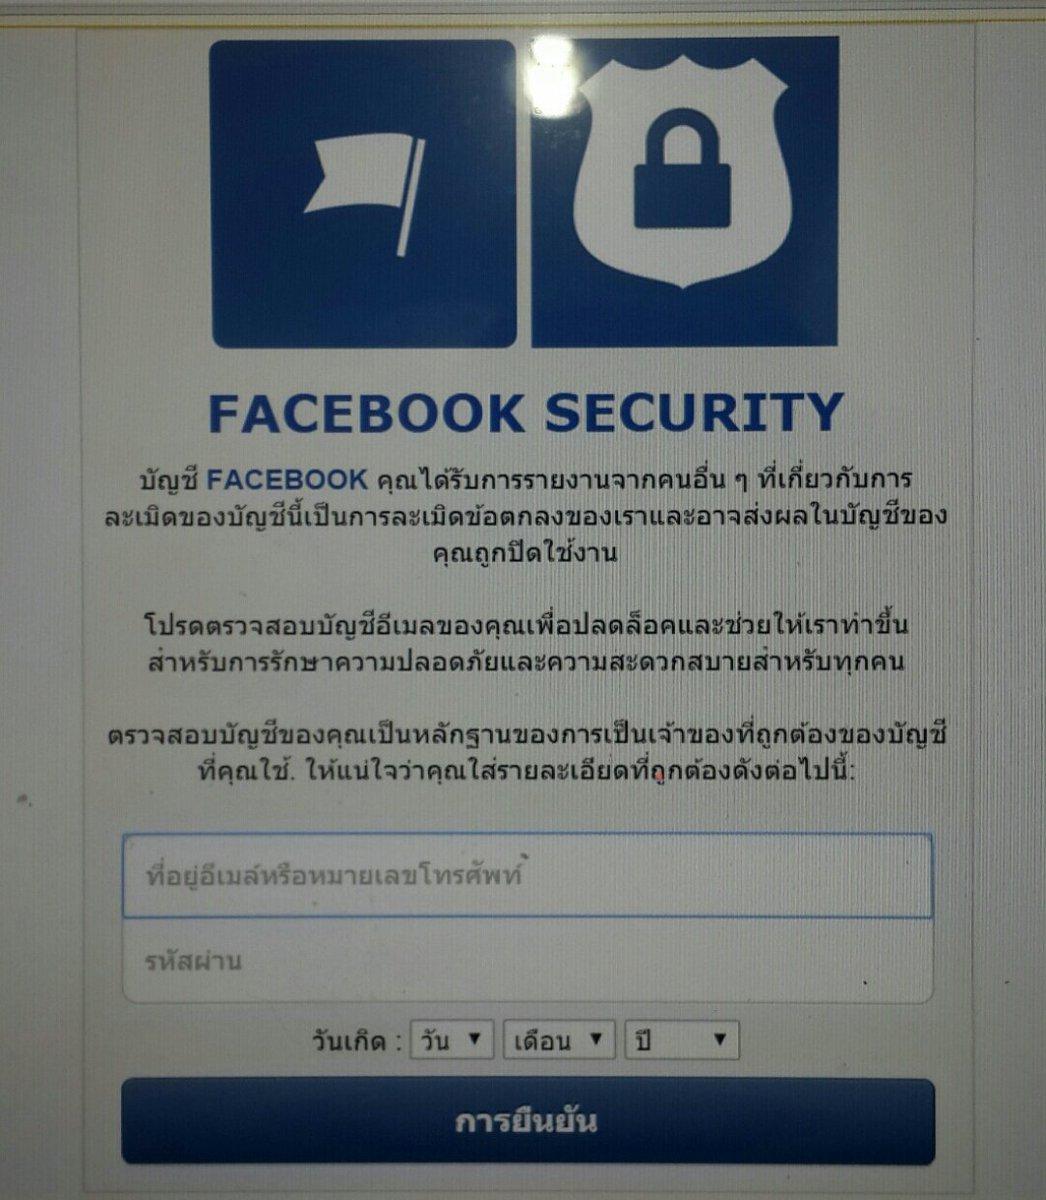 เห็นภาพนี้อย่ากรอกอีเมล์และรหัสใส่ลงไป เพราะมีคนทำขึ้นเพื่อโจรกรรมข้อมูล  (โปรดแชร์ให้มากที่สุด) https://t.co/hvhqF2JuCA